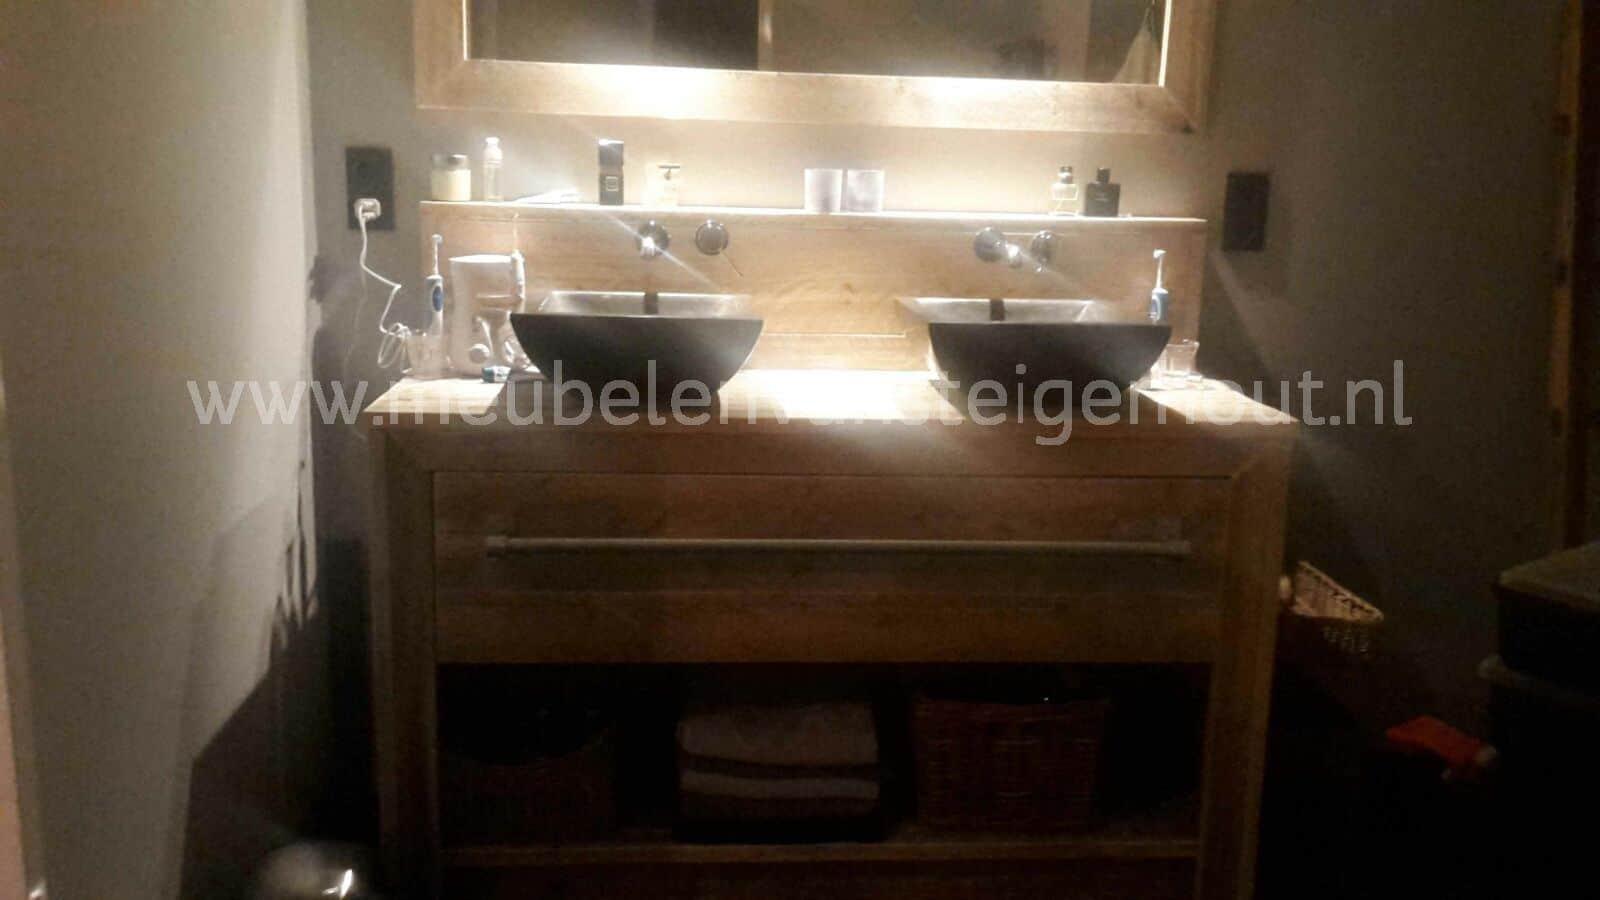 Badkamermeubel Met Kommen : Houten badkamermeubel van teak hout met waskom luca wood via luca